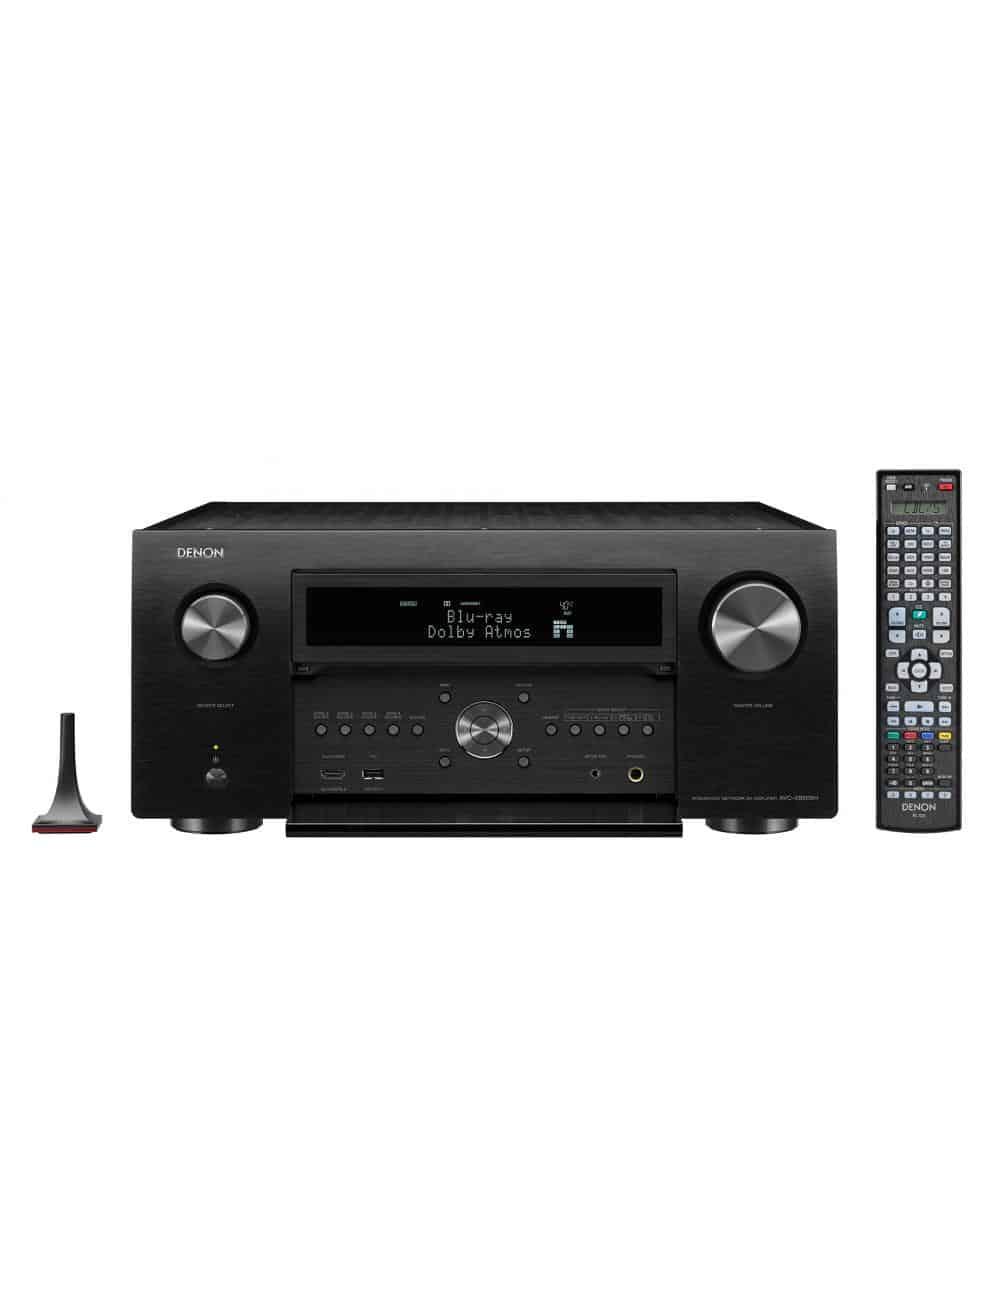 Amplificatore AV 13.2 canali 4K Ultra HD con Audio 3D e HEOS, Denon AVC-X8500H, vista frontale con telcomando, finitura Nero